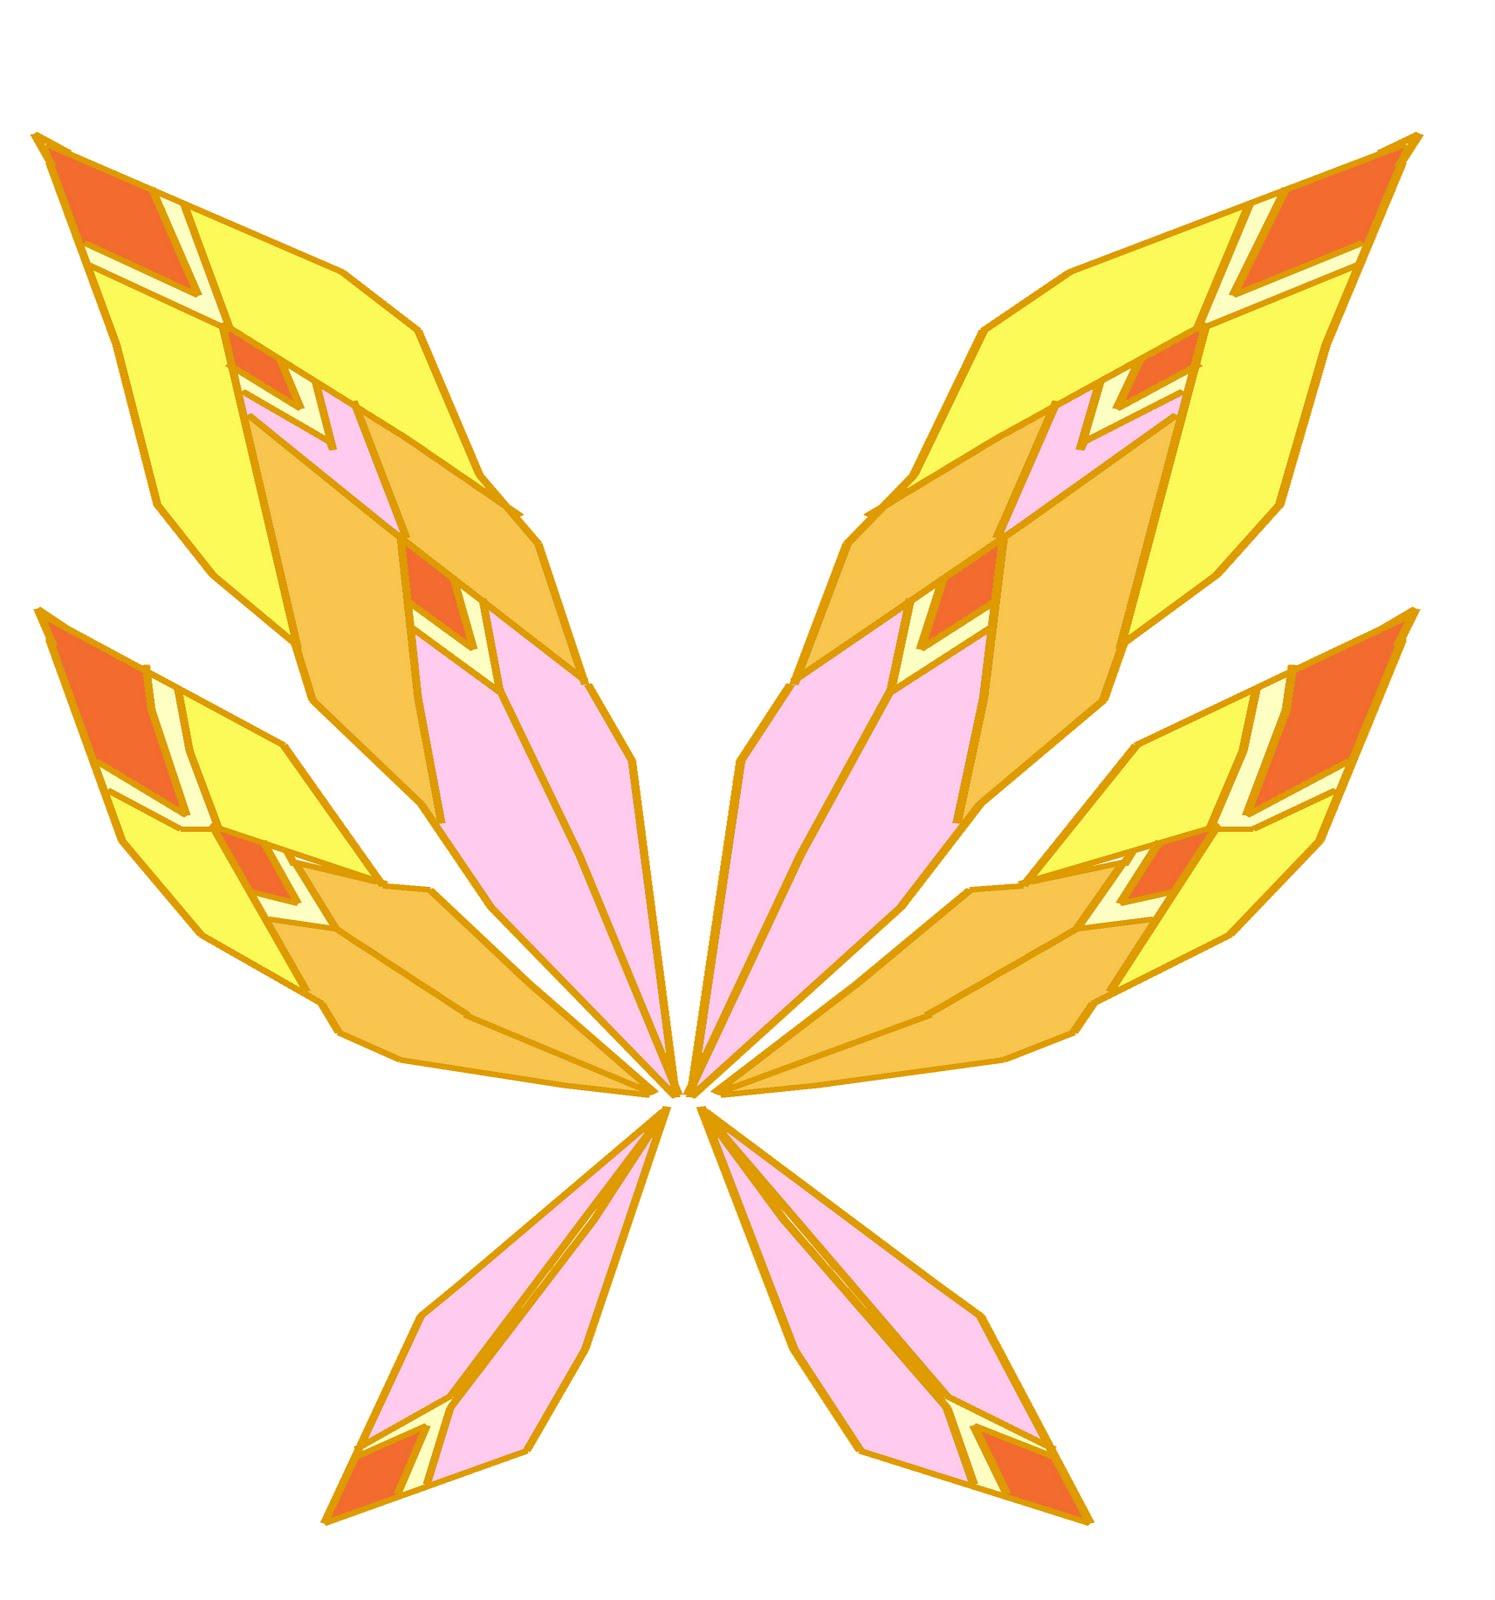 http://4.bp.blogspot.com/_J1eKITQ_ojE/S6ywSH4Rm8I/AAAAAAAABGU/L6aJsFHRMFU/s1600/tracix_stella.jpg